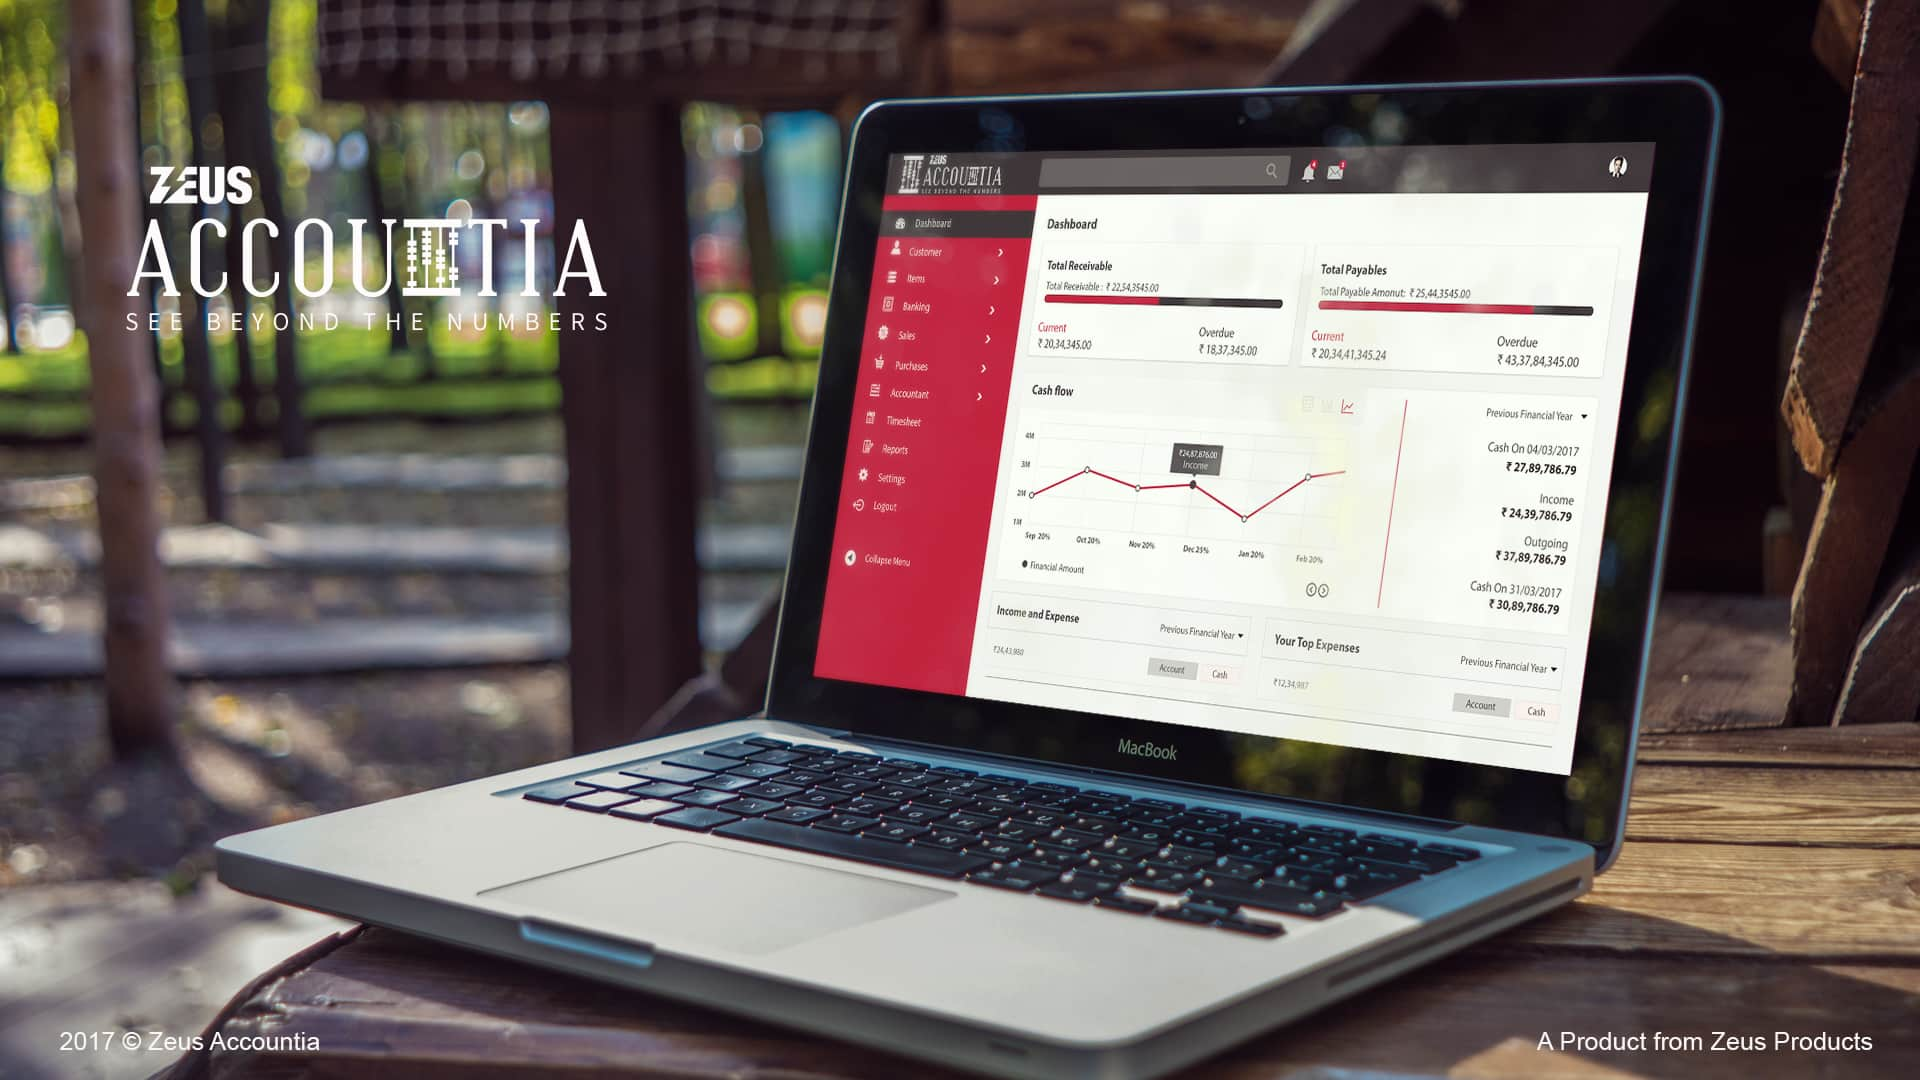 Zeus Accountia Mock up Software portal